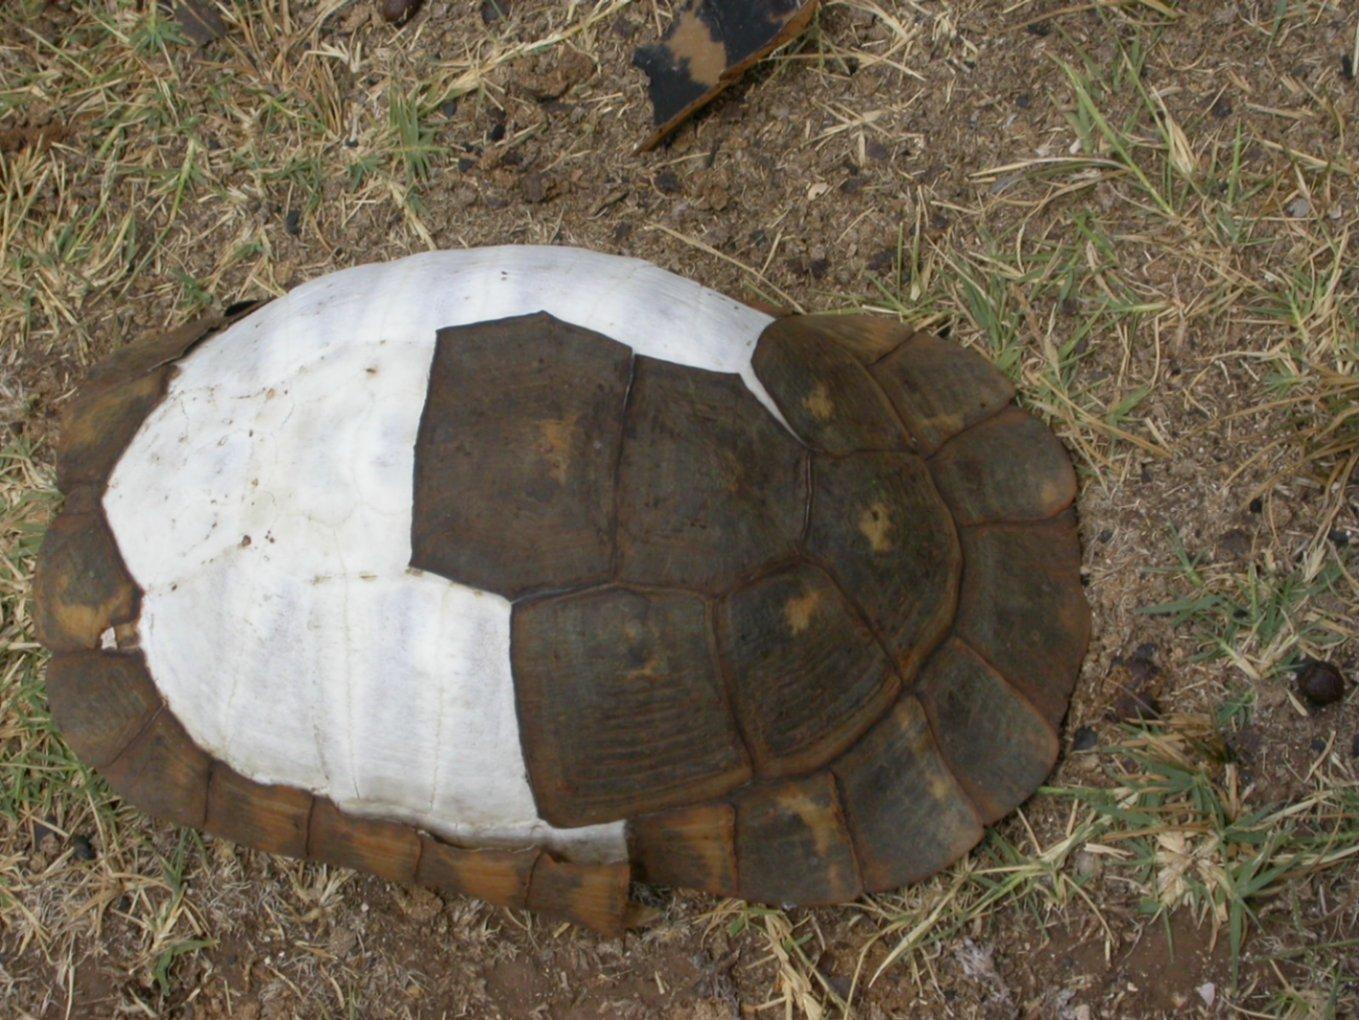 La valle delle tartarughe forum natura mediterraneo for Laghetto per tartarughe fai da te